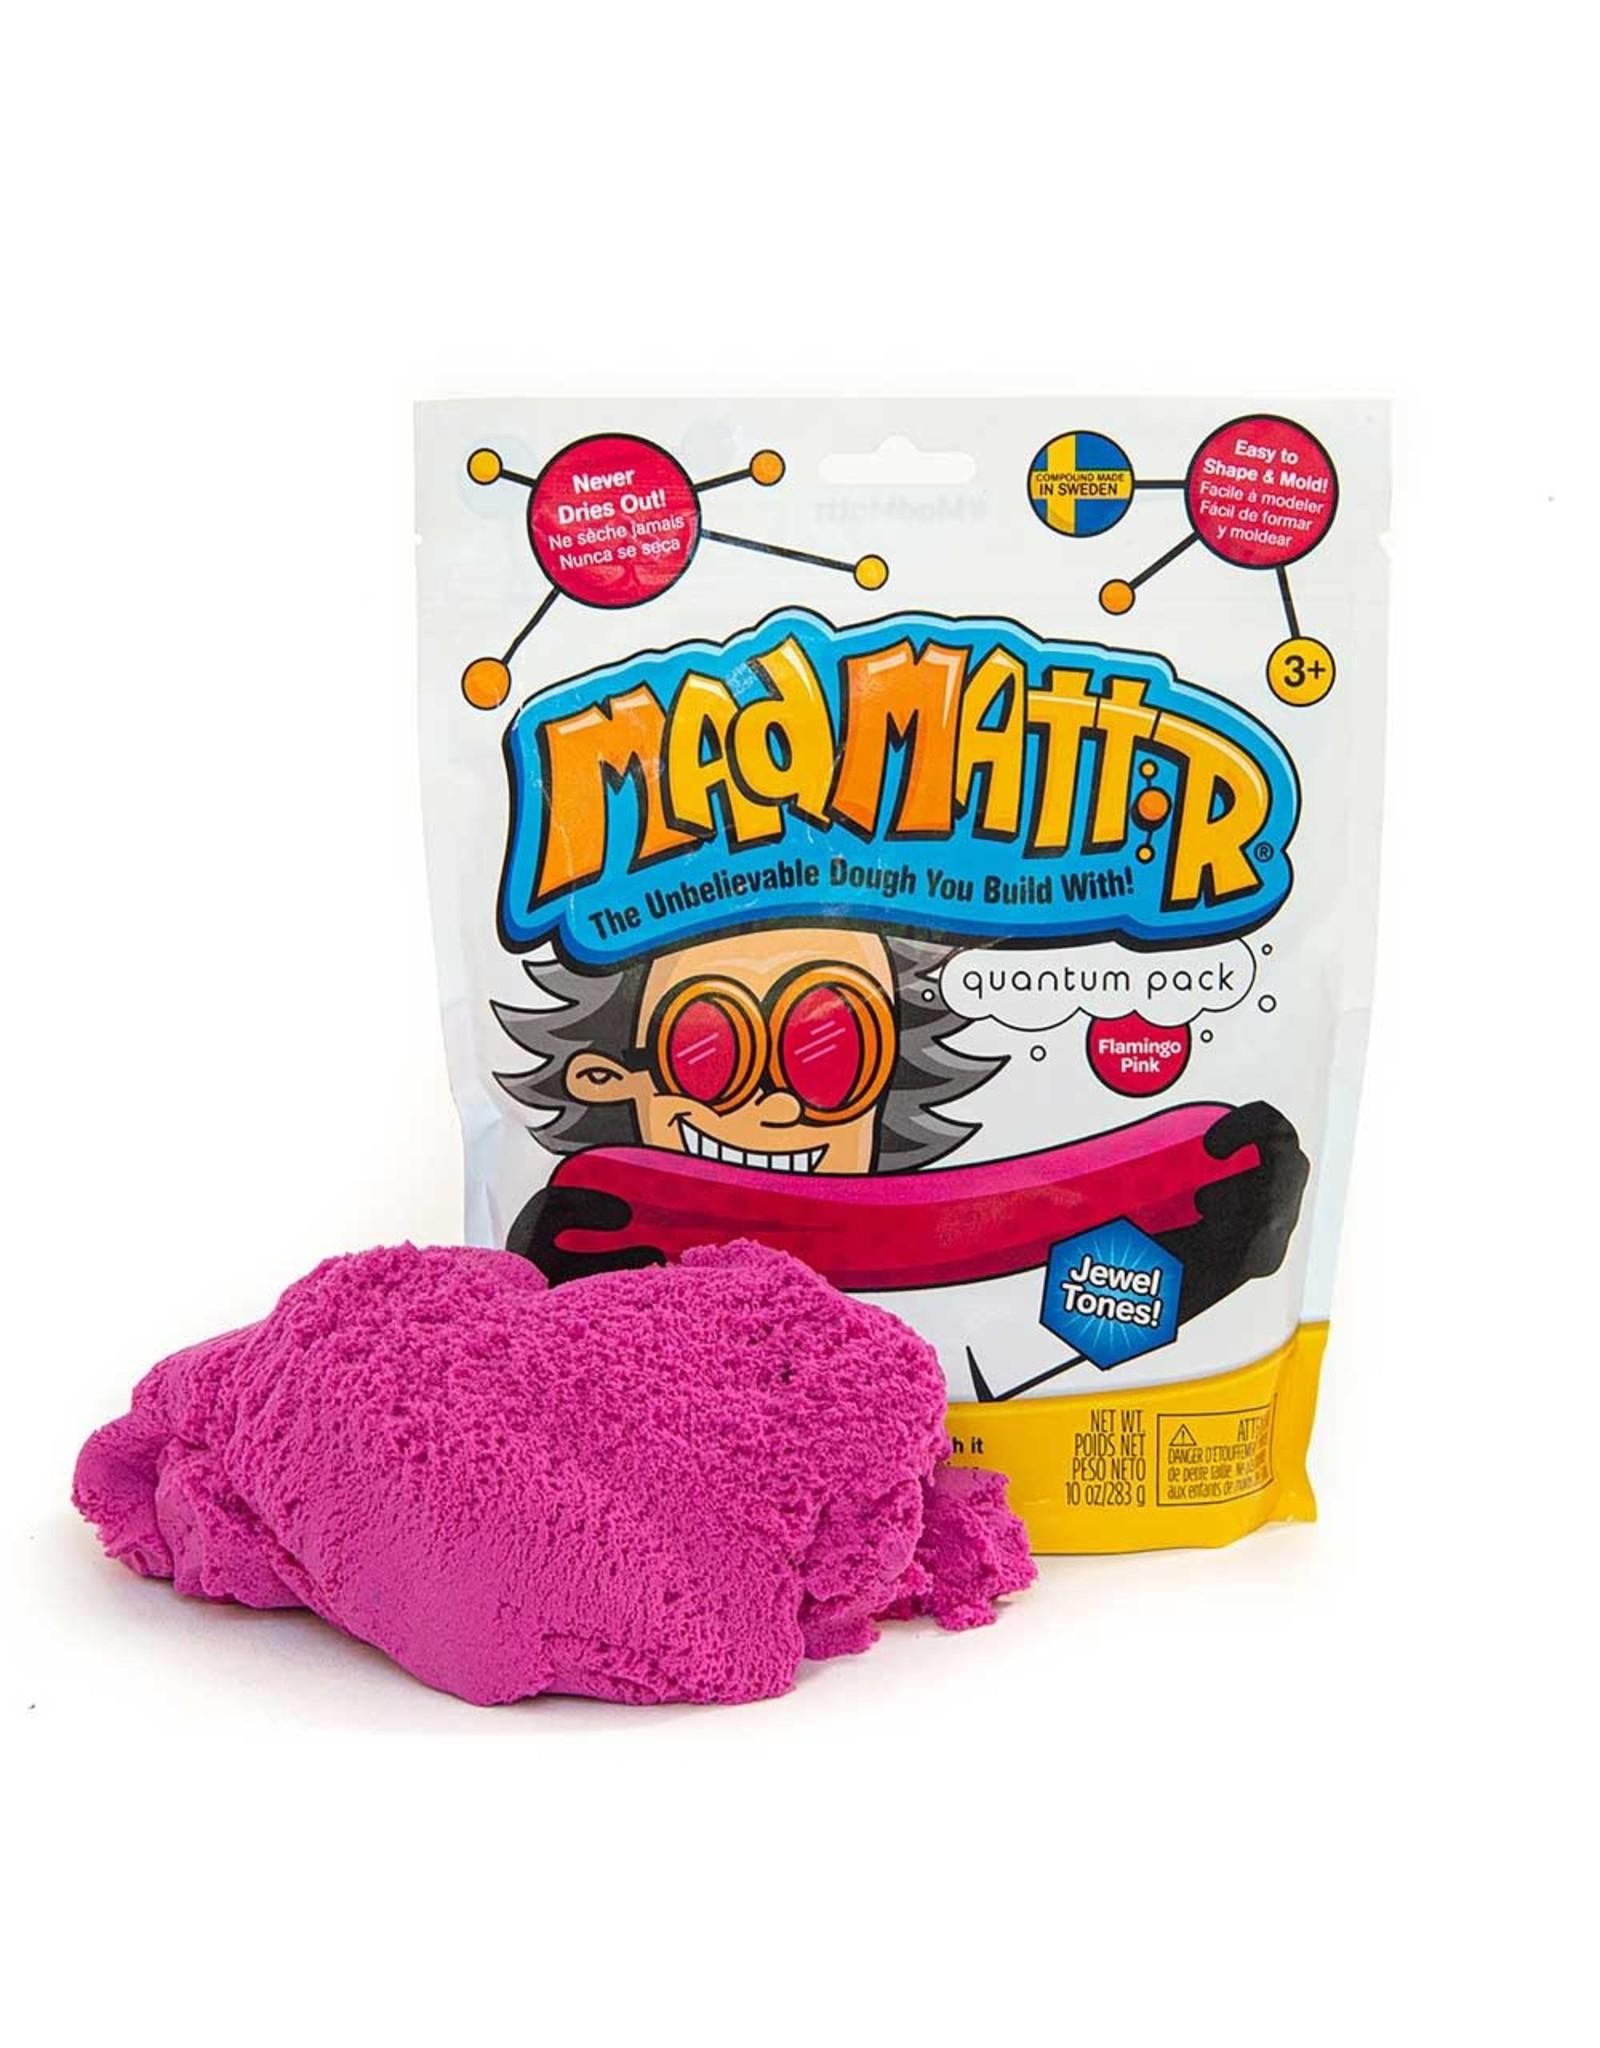 Relevant Play Madmattr Quantum Pack Jewel Tones Flamingo Pink